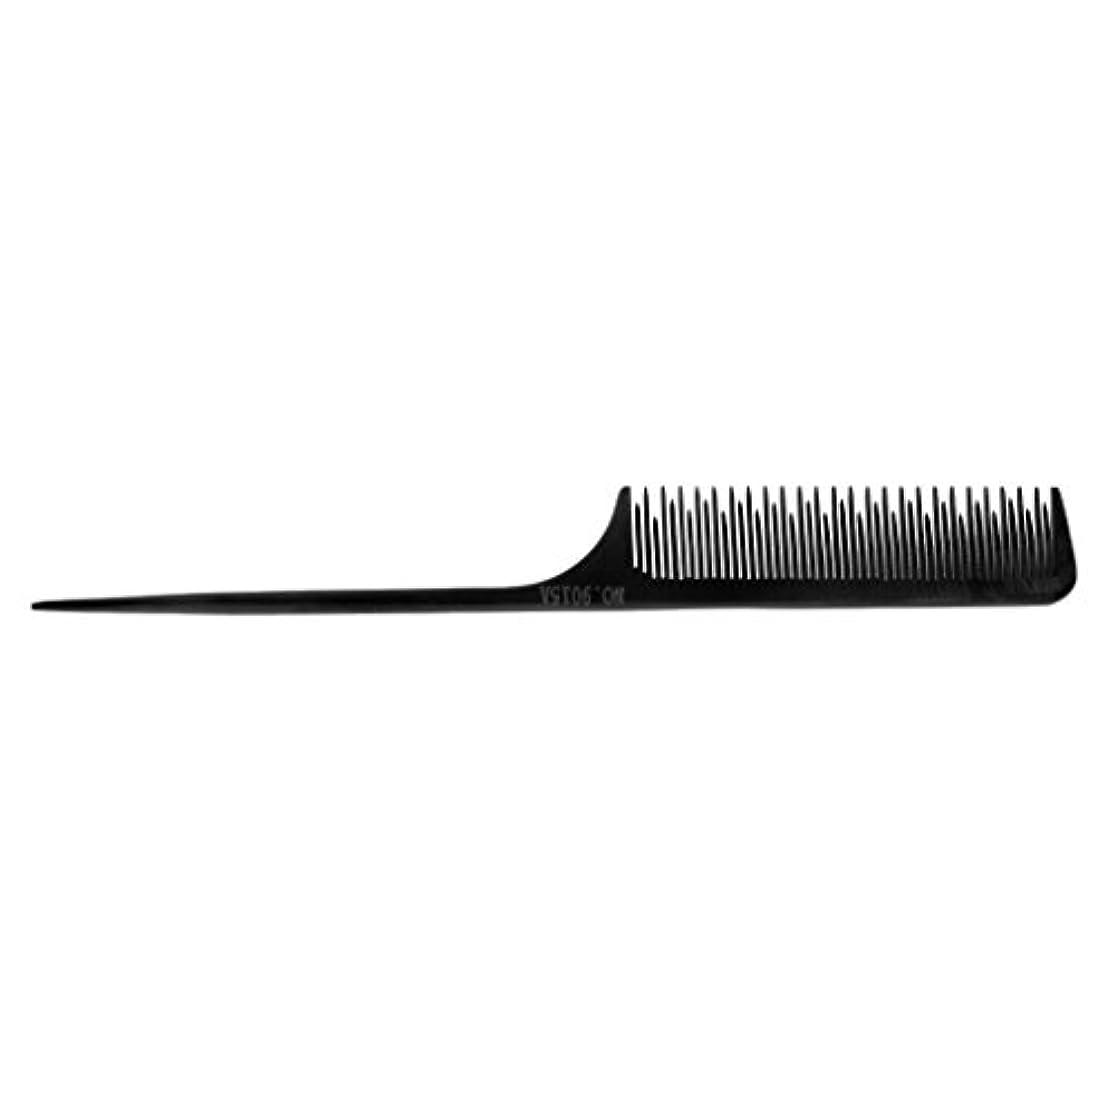 利用可能妊娠した技術的なToygogo サロン理髪店